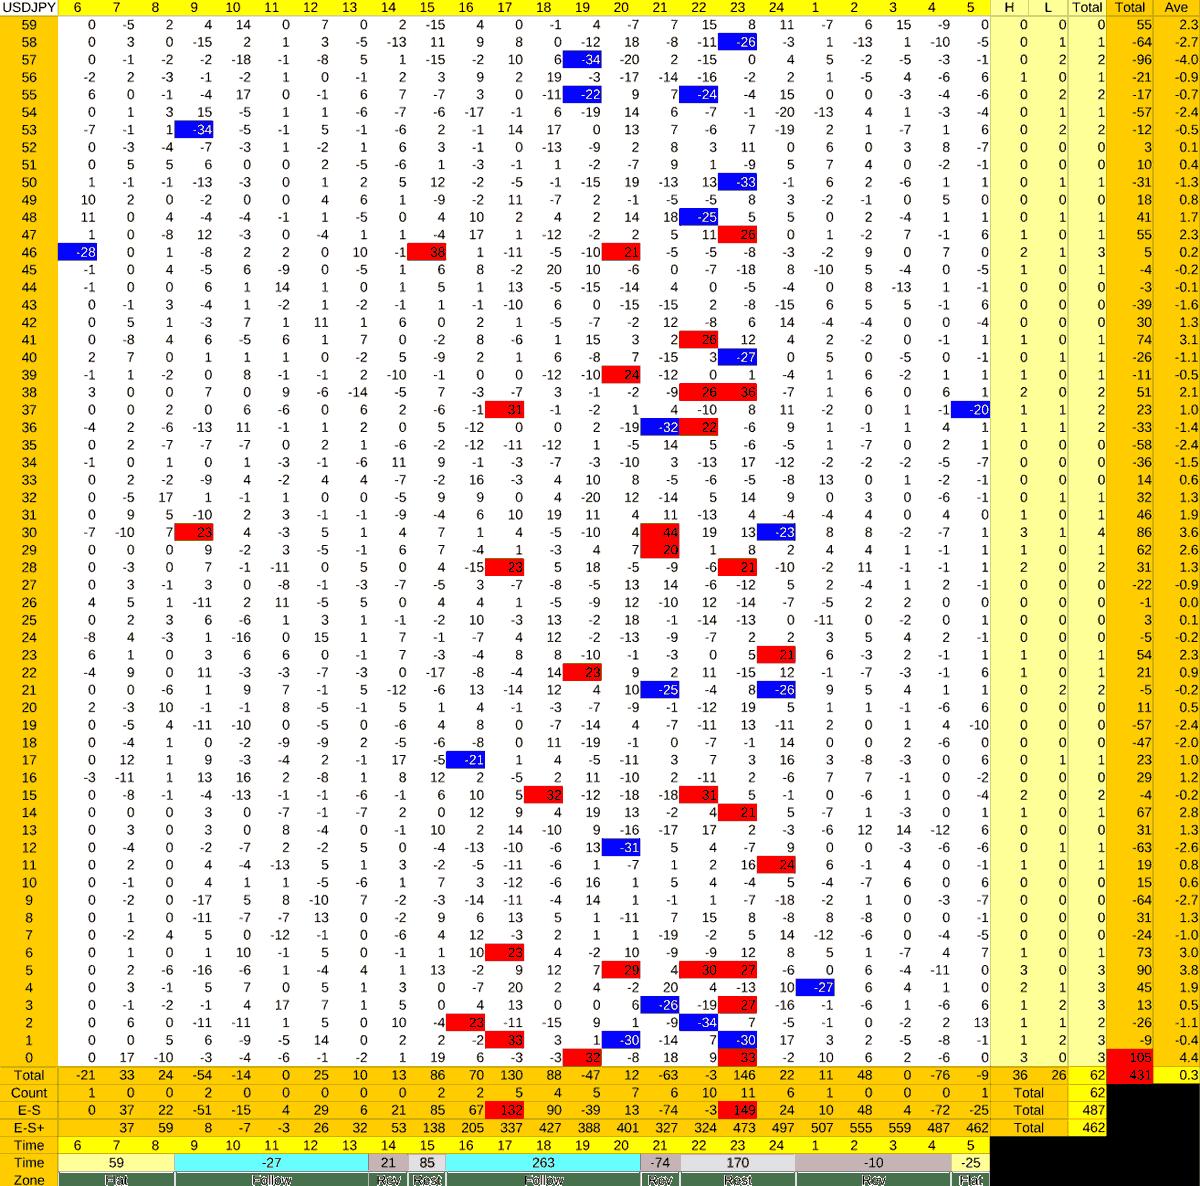 20210701_HS(1)USDJPY-min